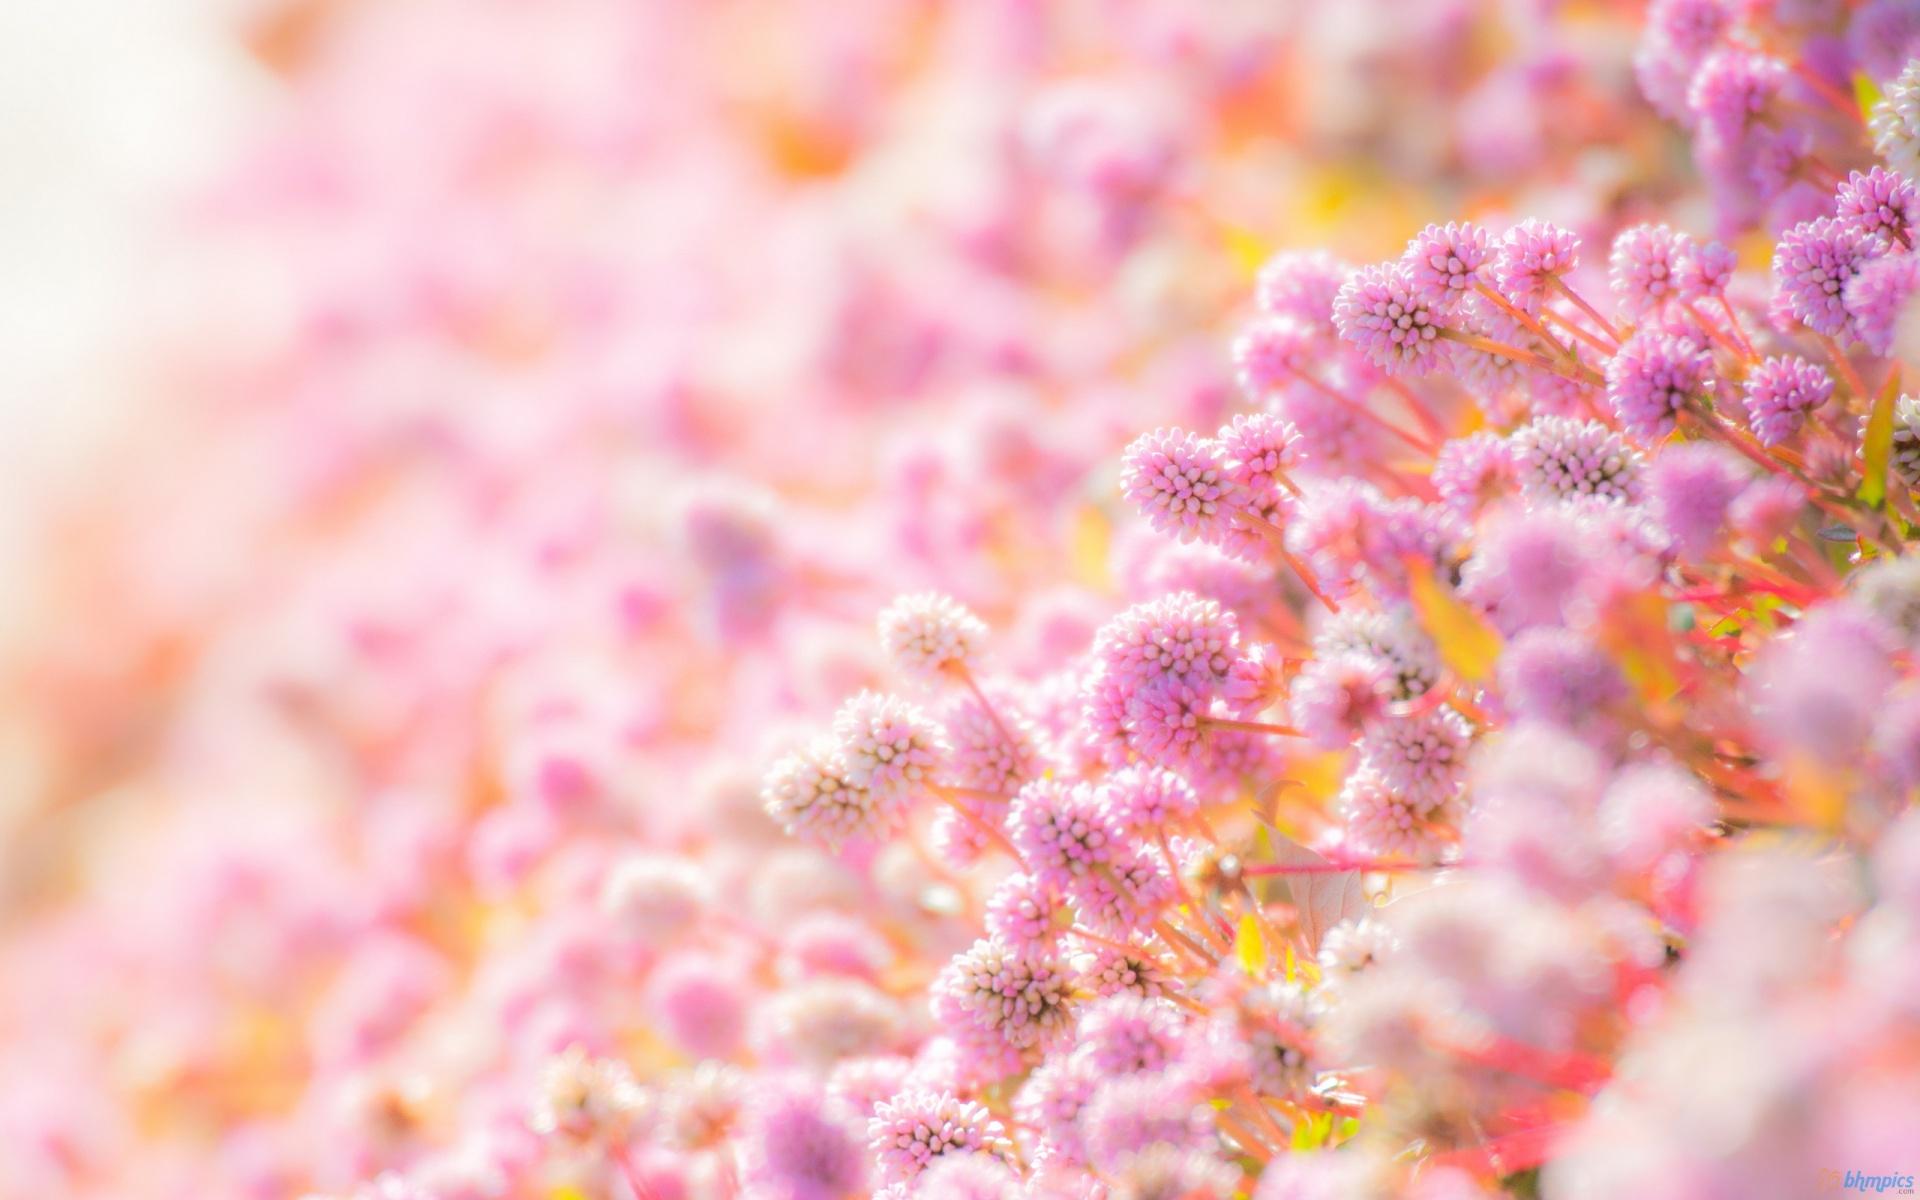 بالصور صور ورد خلفيات , اجمل اشكال وانواع الورود 3582 8